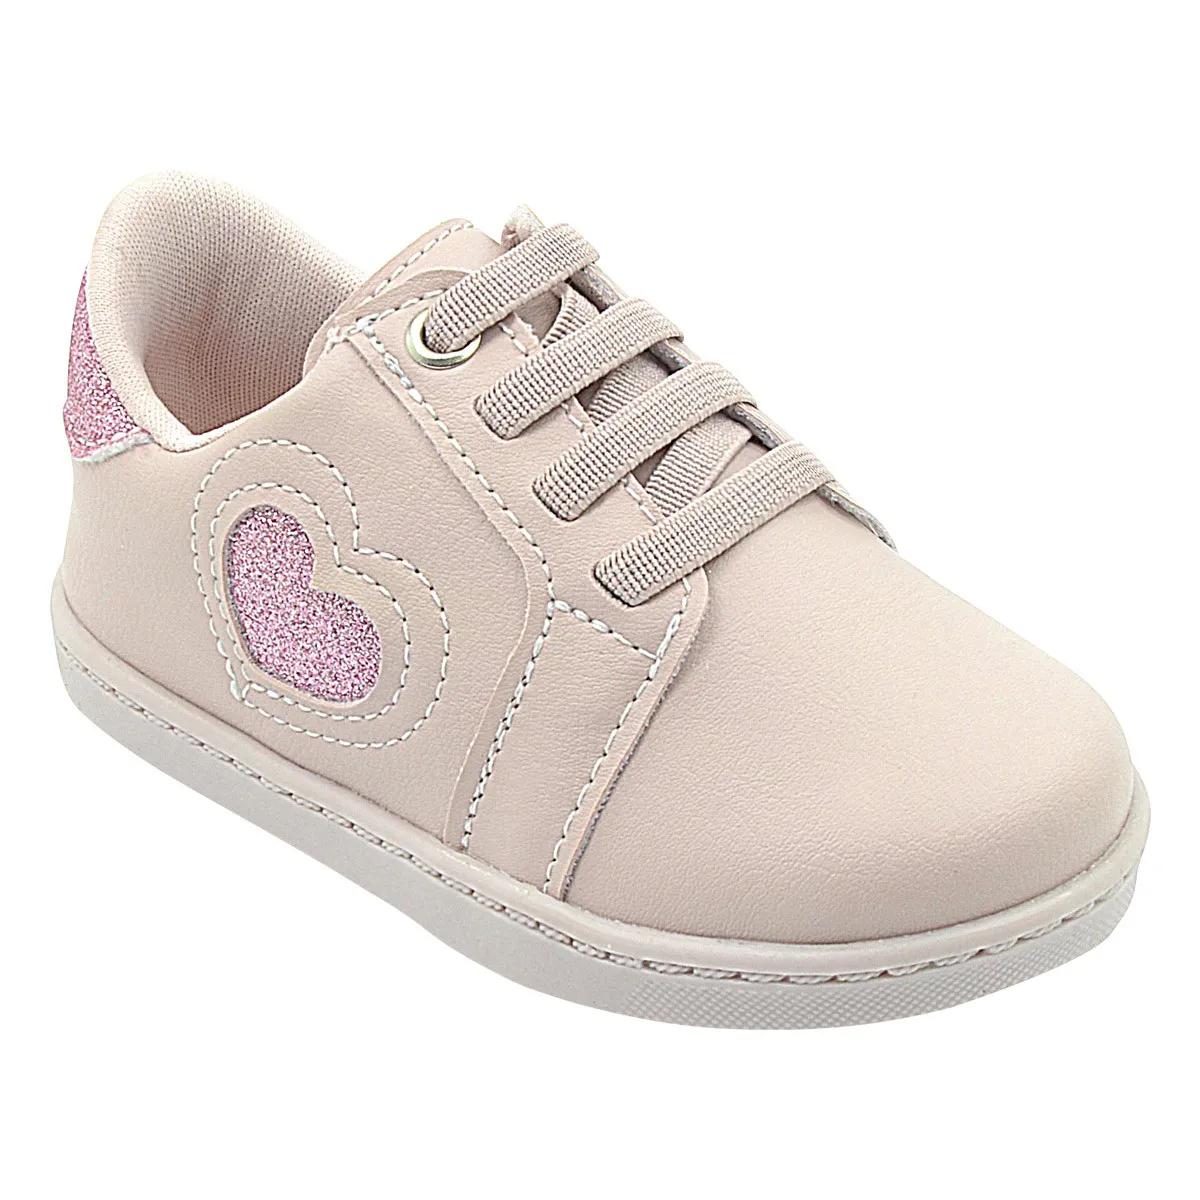 Tênis Infantil Neném Rosa com Coração Glitter Feminino